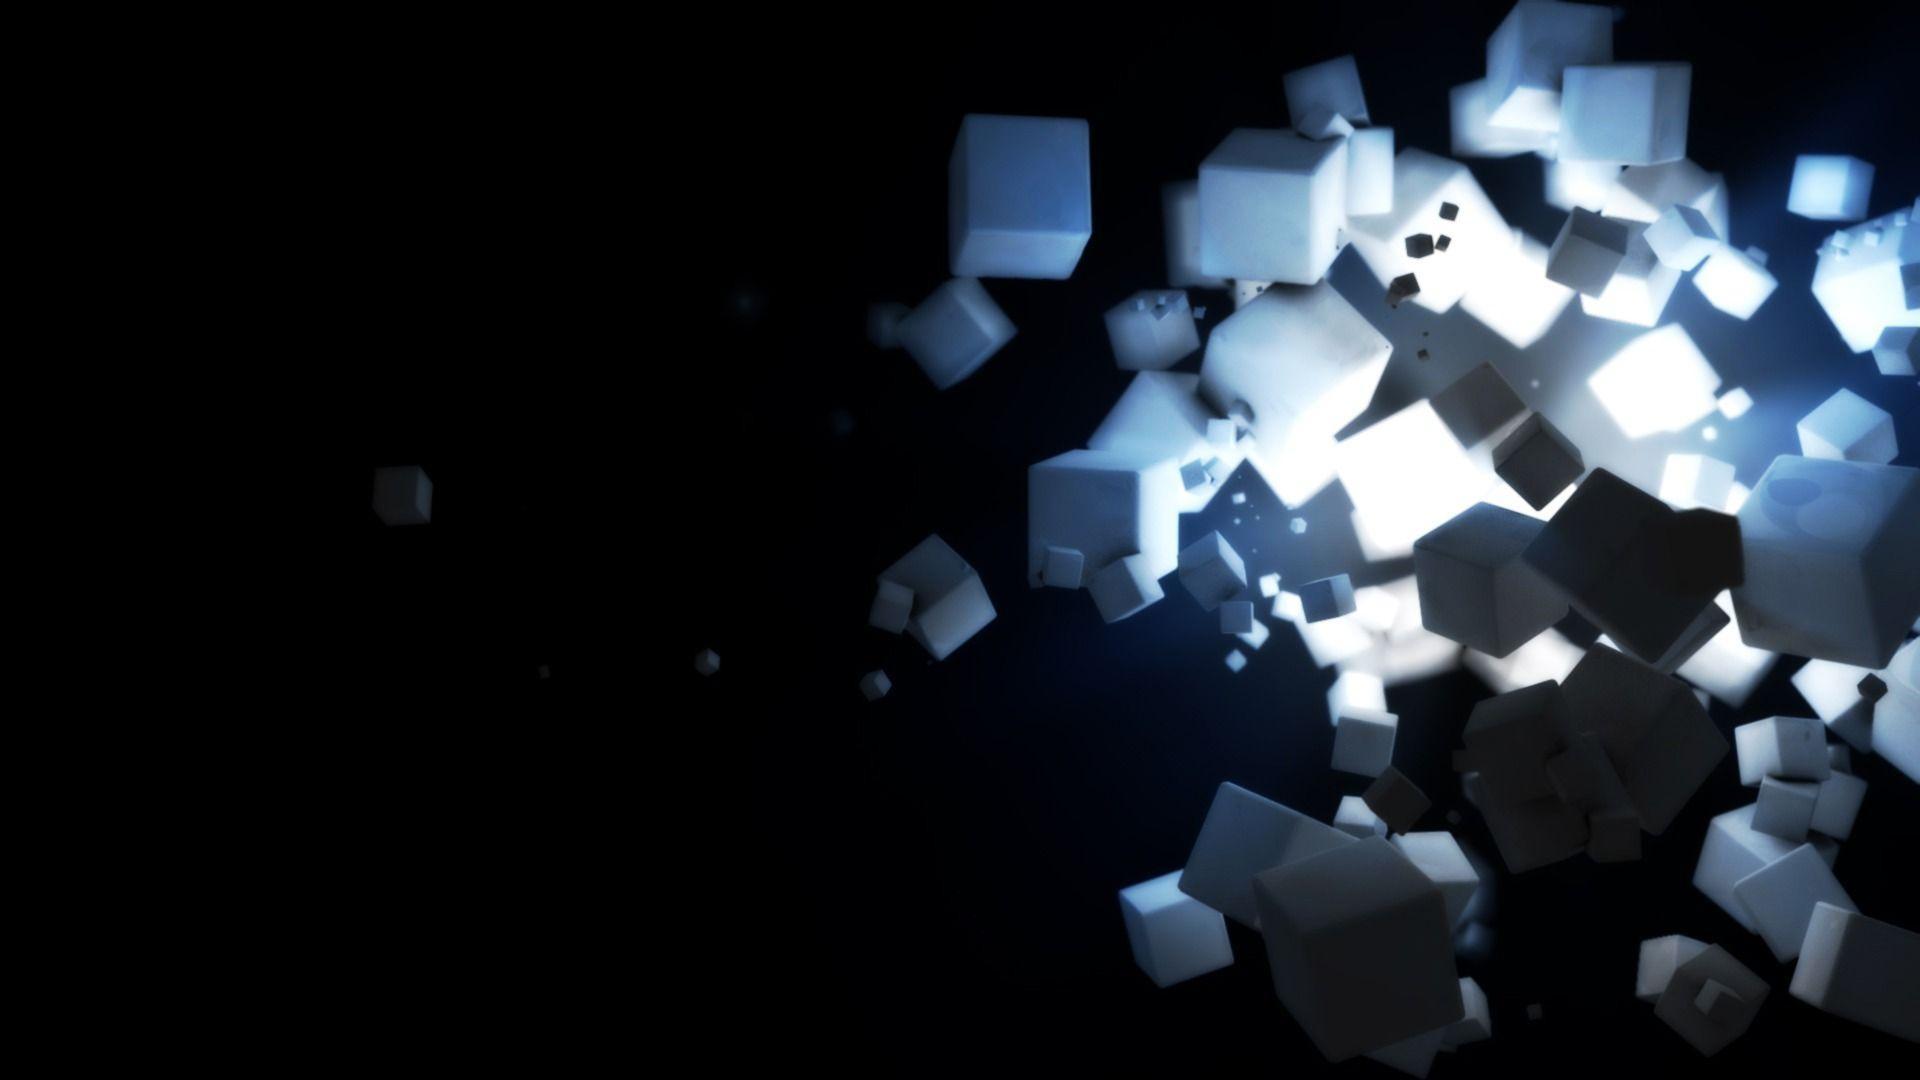 PS3 Wallpaper HD (74+ images)